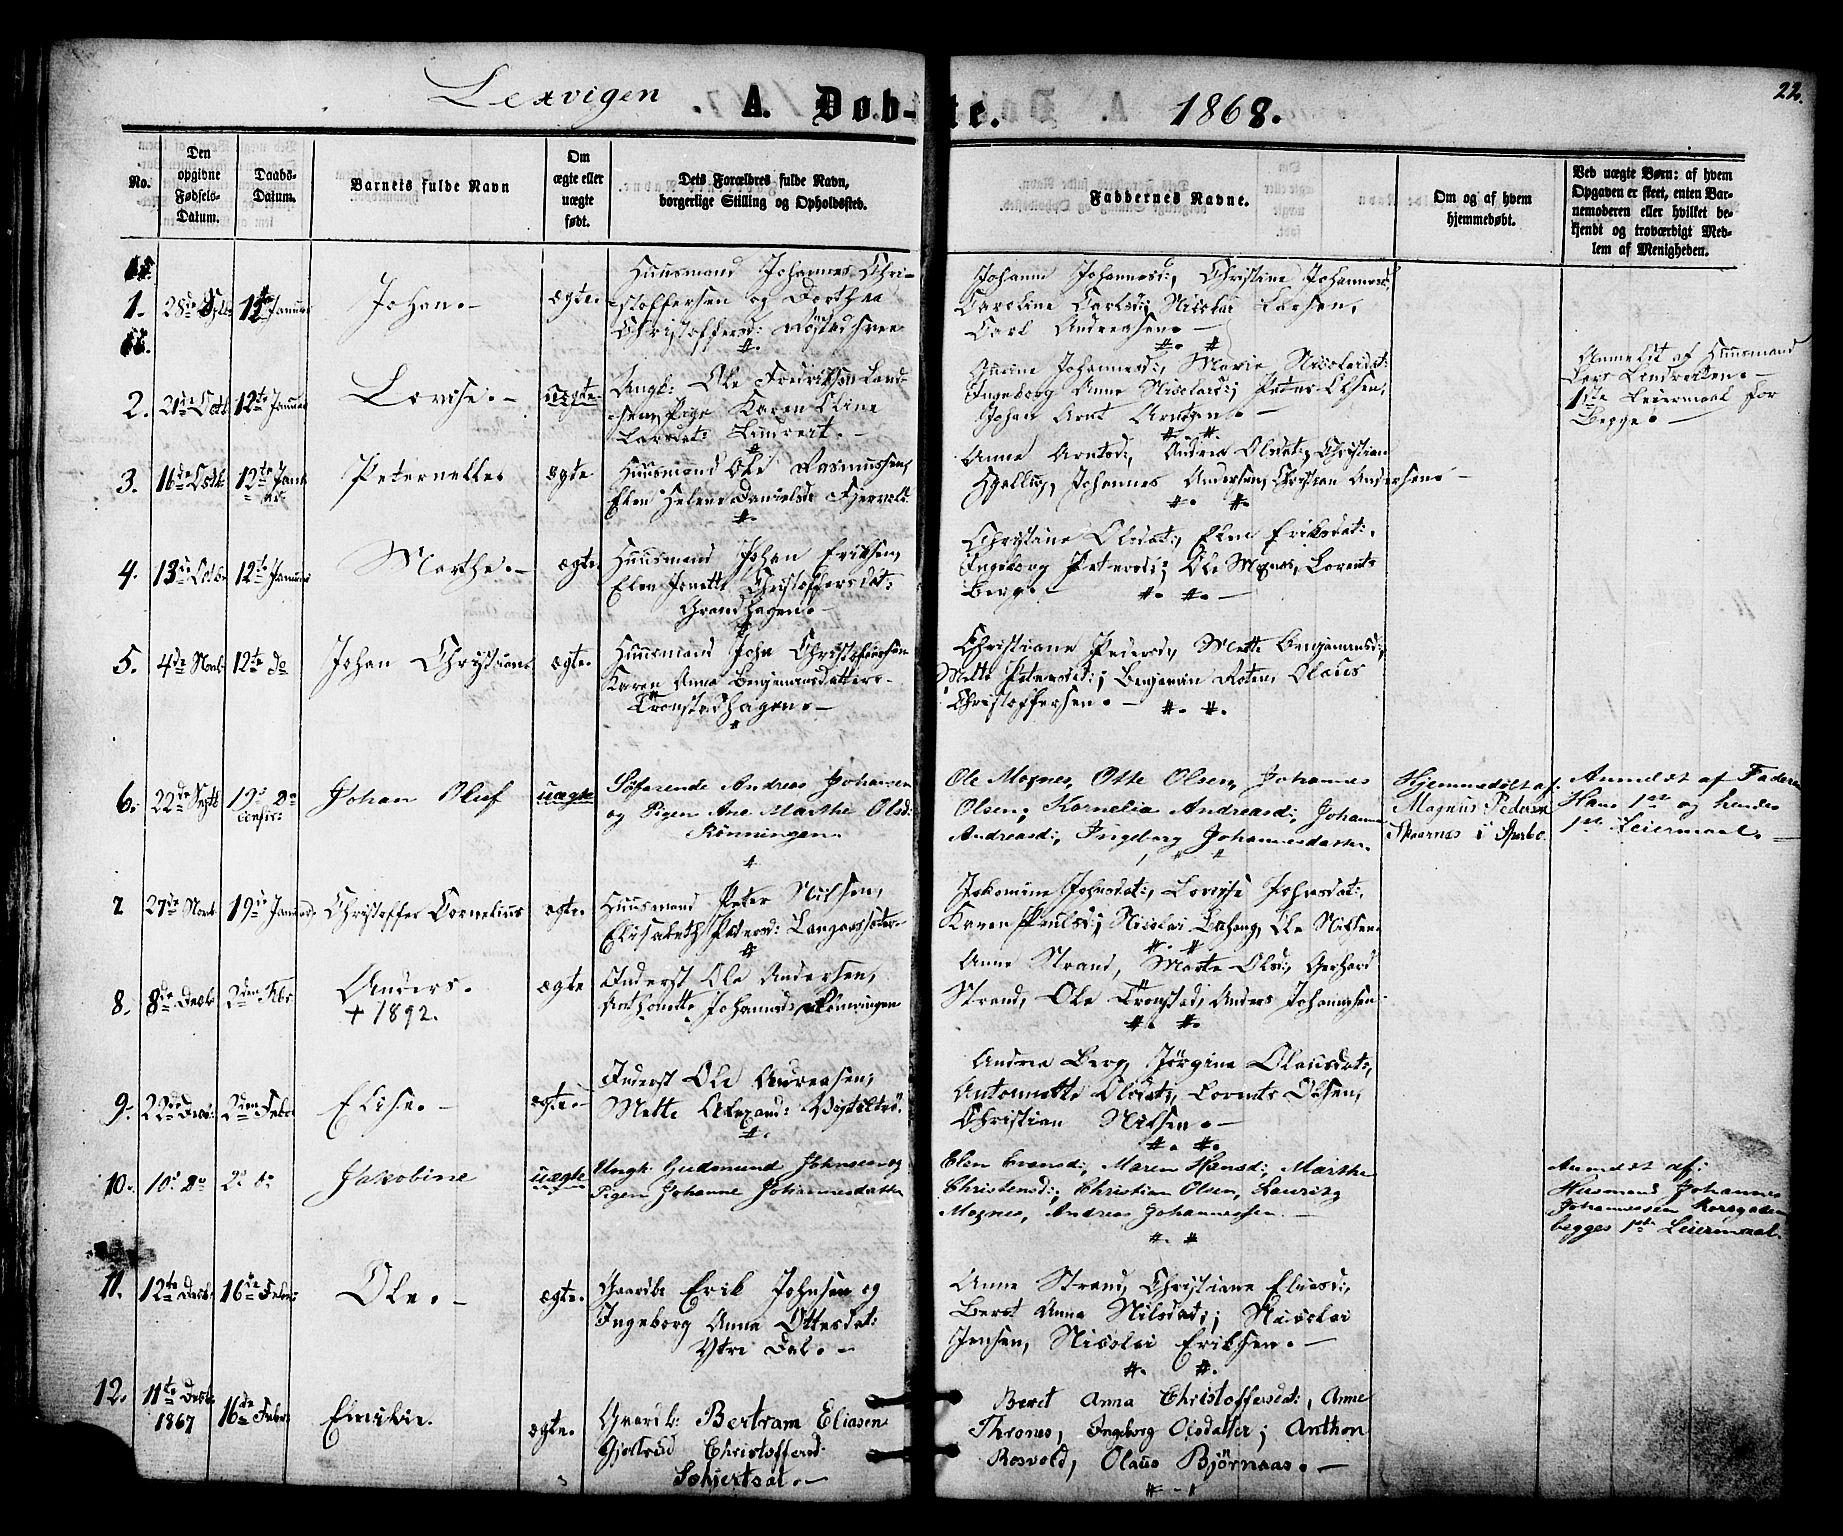 SAT, Ministerialprotokoller, klokkerbøker og fødselsregistre - Nord-Trøndelag, 701/L0009: Ministerialbok nr. 701A09 /1, 1864-1882, s. 22